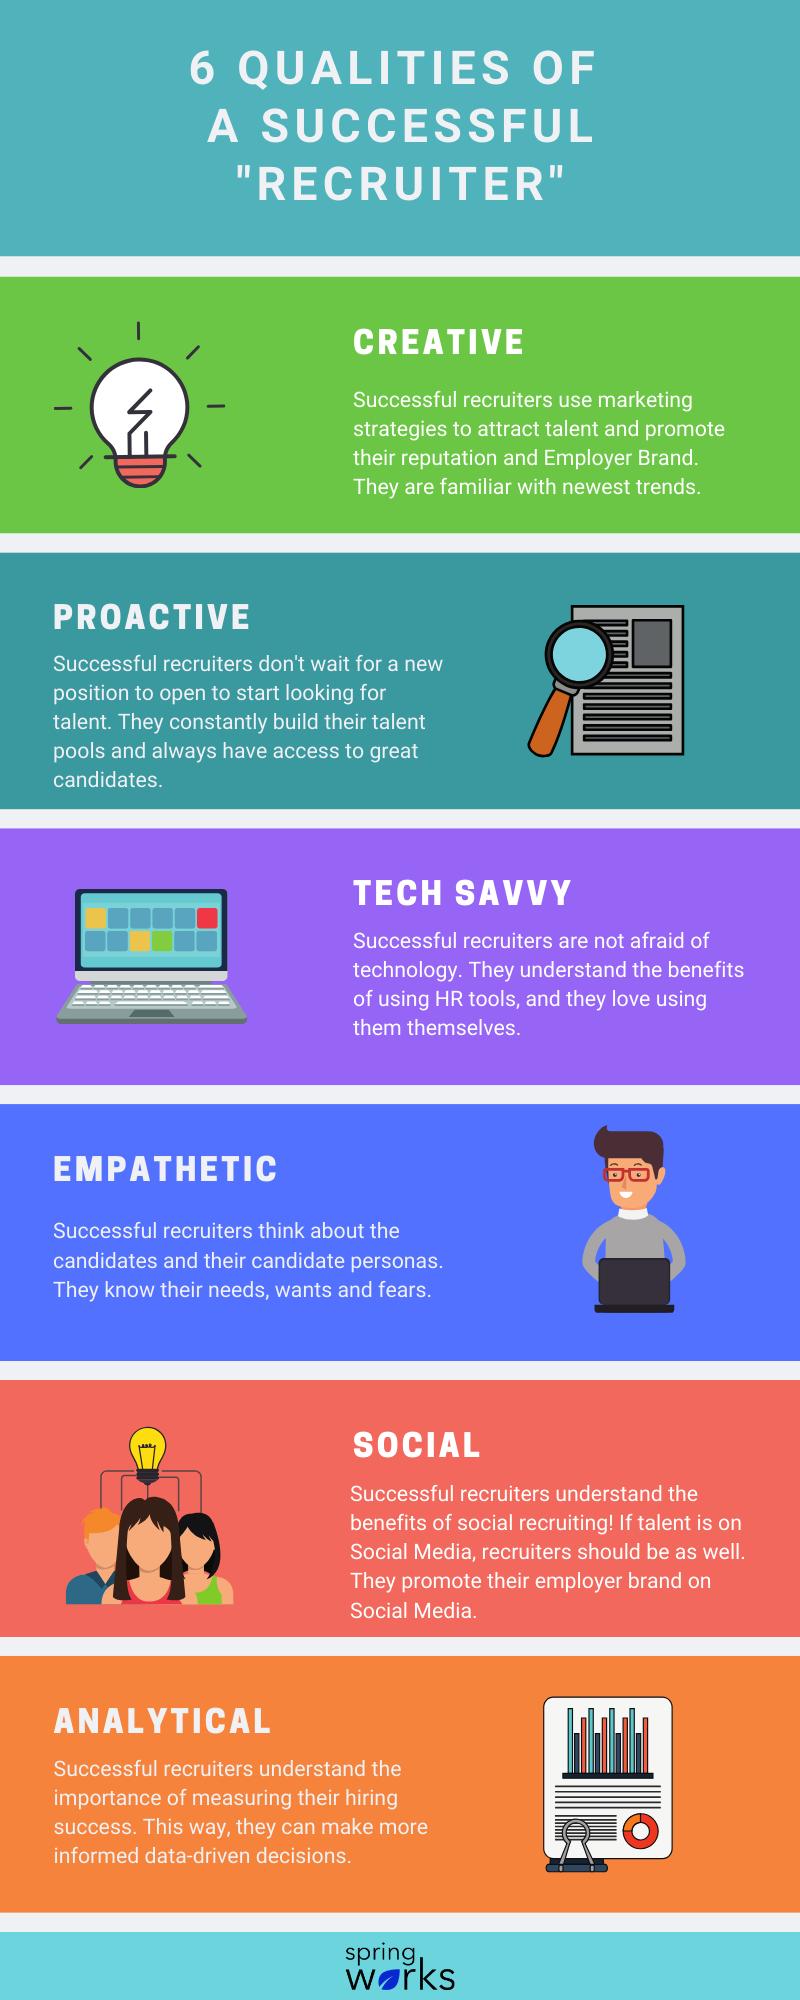 Qualities of Successful Recruiters